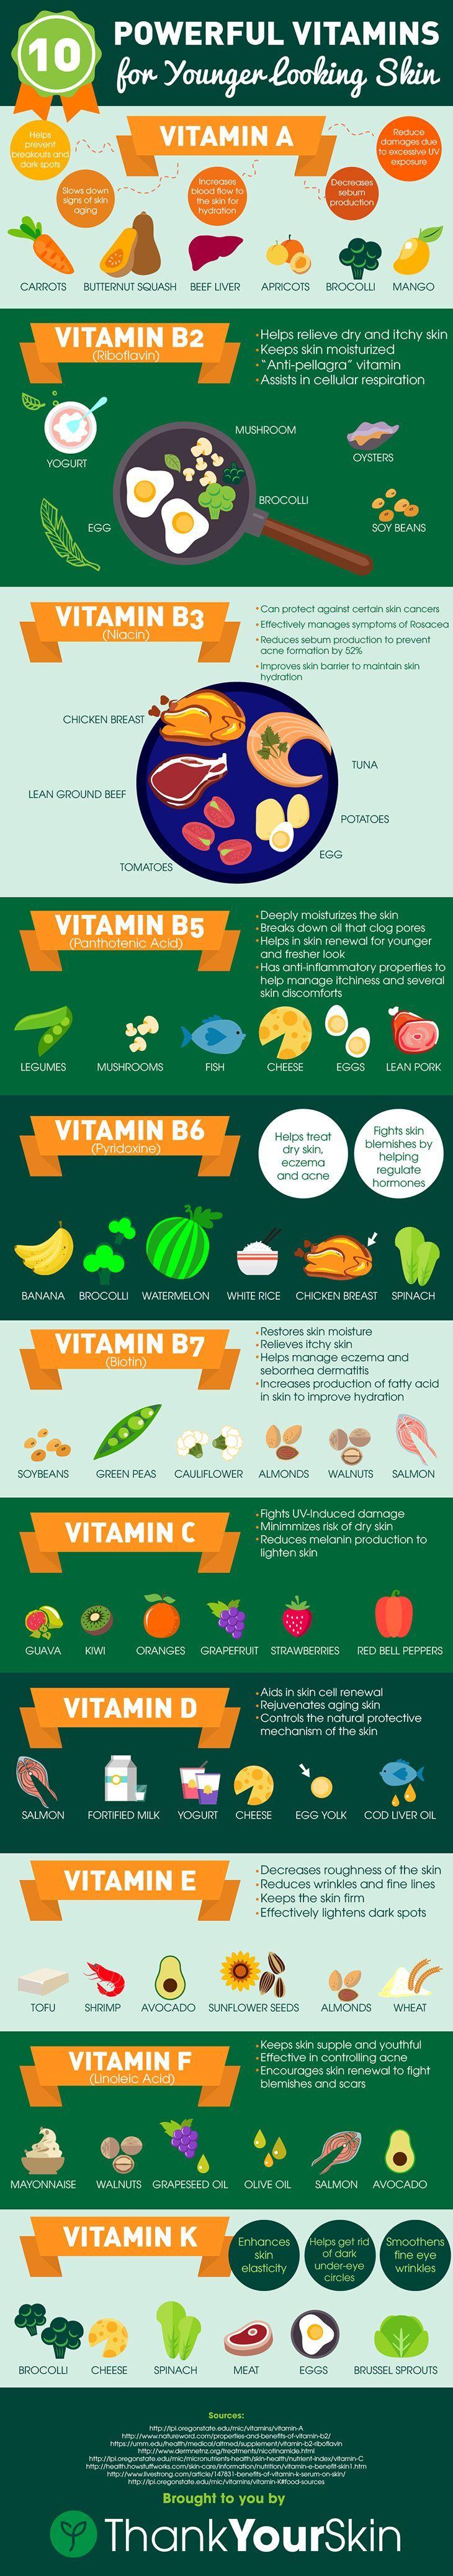 Vitamines zijn goed voor jouw!